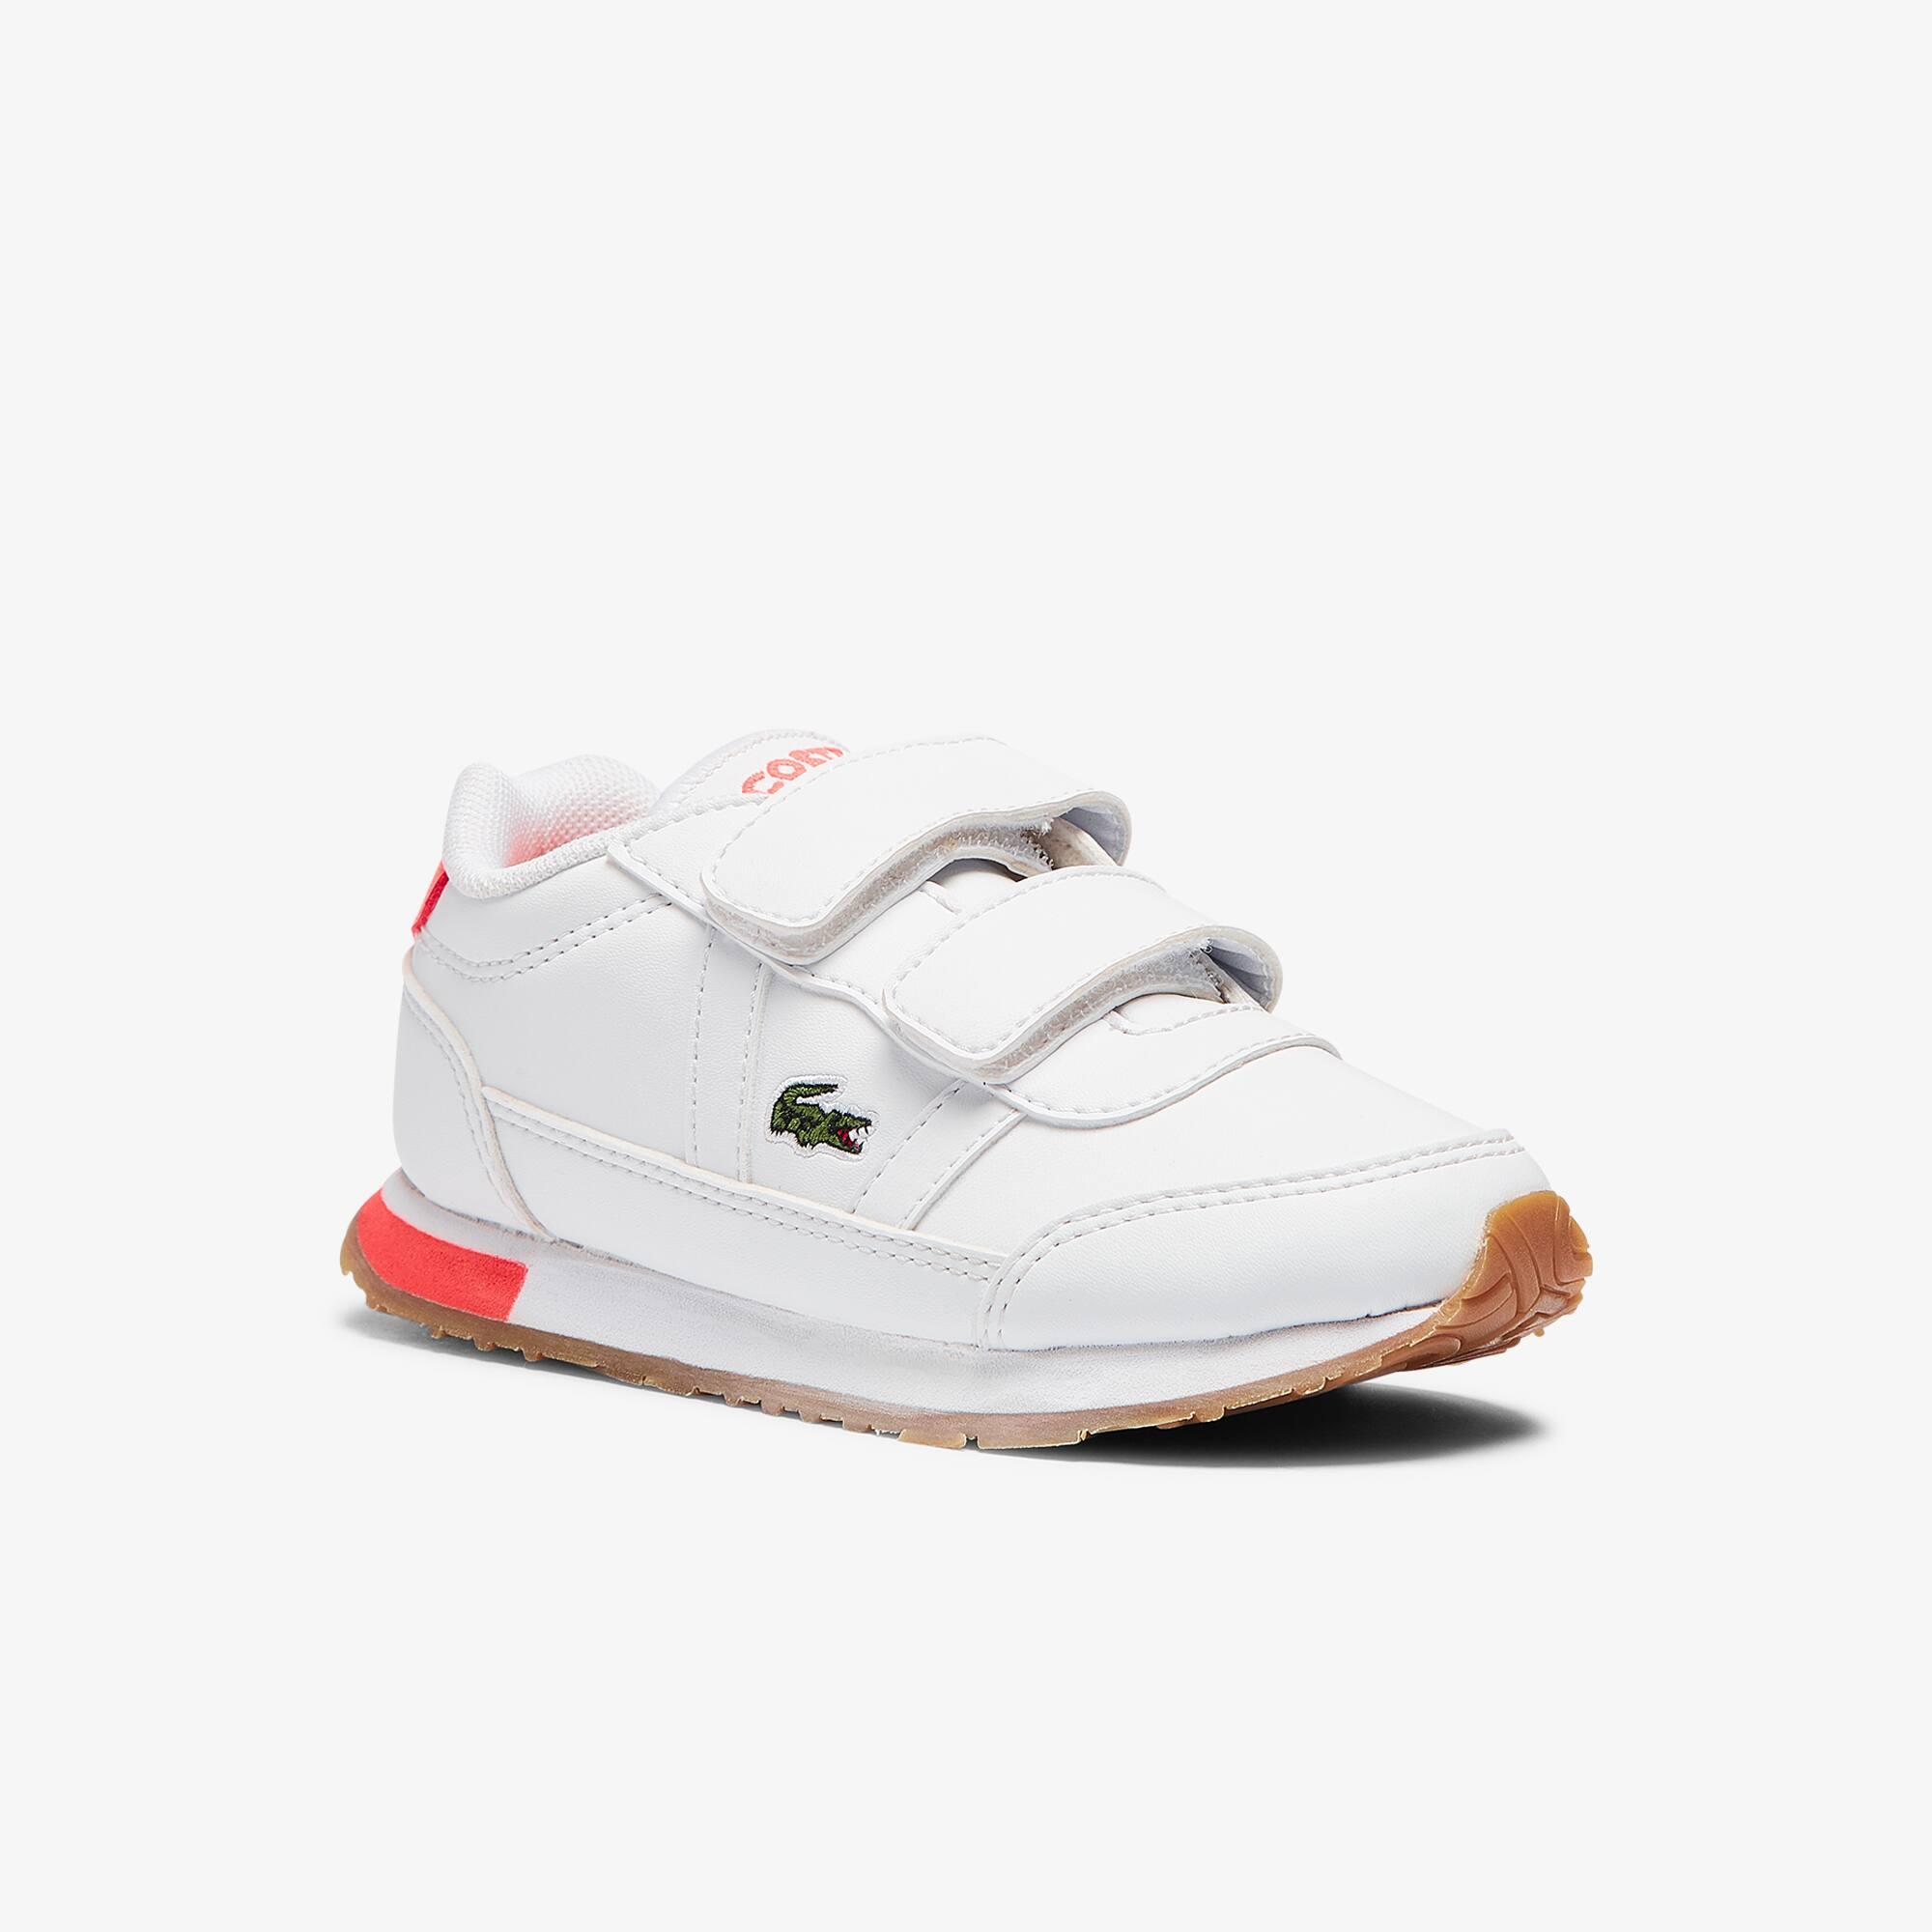 Lacoste Sneakers Partner bébé en tissu Taille 26 Blanc/rose